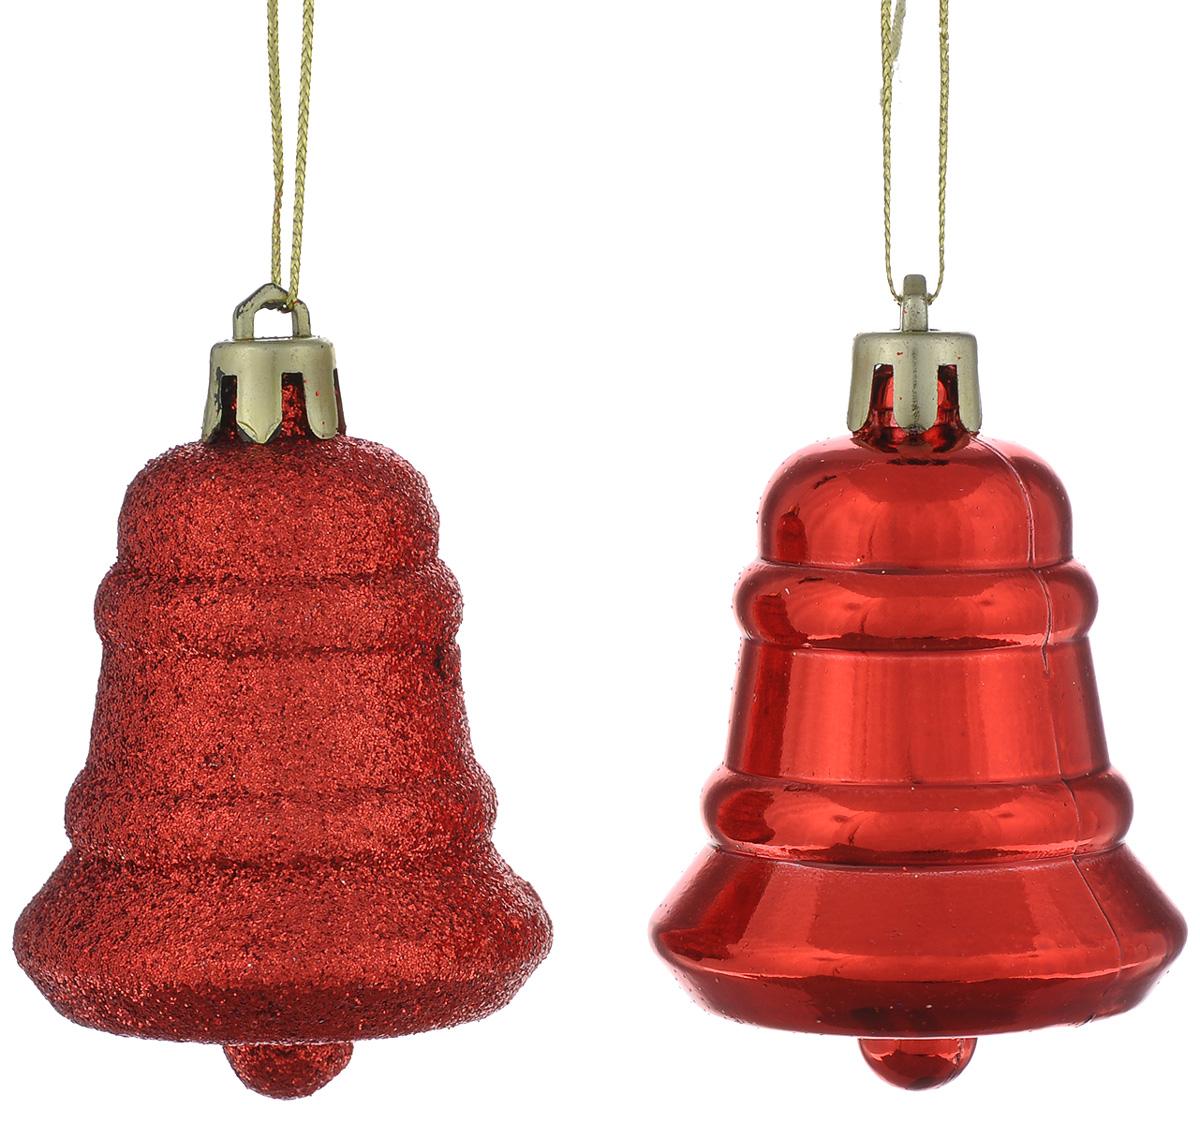 Новогоднее подвесное украшение Феникс-презент Колокол, цвет: красный, 4,8 х 4,8 х 8 см, 2 шт39020Подвесное украшение Феникс-презент Колокол прекрасно подойдет для праздничного декора вашей ели. Оригинальное новогоднее украшение выполнено из пластика в виде снежинки. С помощью специальной текстильной петельки его можно повесить в любом понравившемся вам месте. Но удачнее всего такая игрушка будет смотреться на праздничной елке. Елочная игрушка - символ Нового года и Рождества. Она несет в себе волшебство и красоту праздника. Создайте в своем доме атмосферу веселья и радости, украшая новогоднюю елку нарядными игрушками, которые будут из года в год накапливать теплоту воспоминаний.